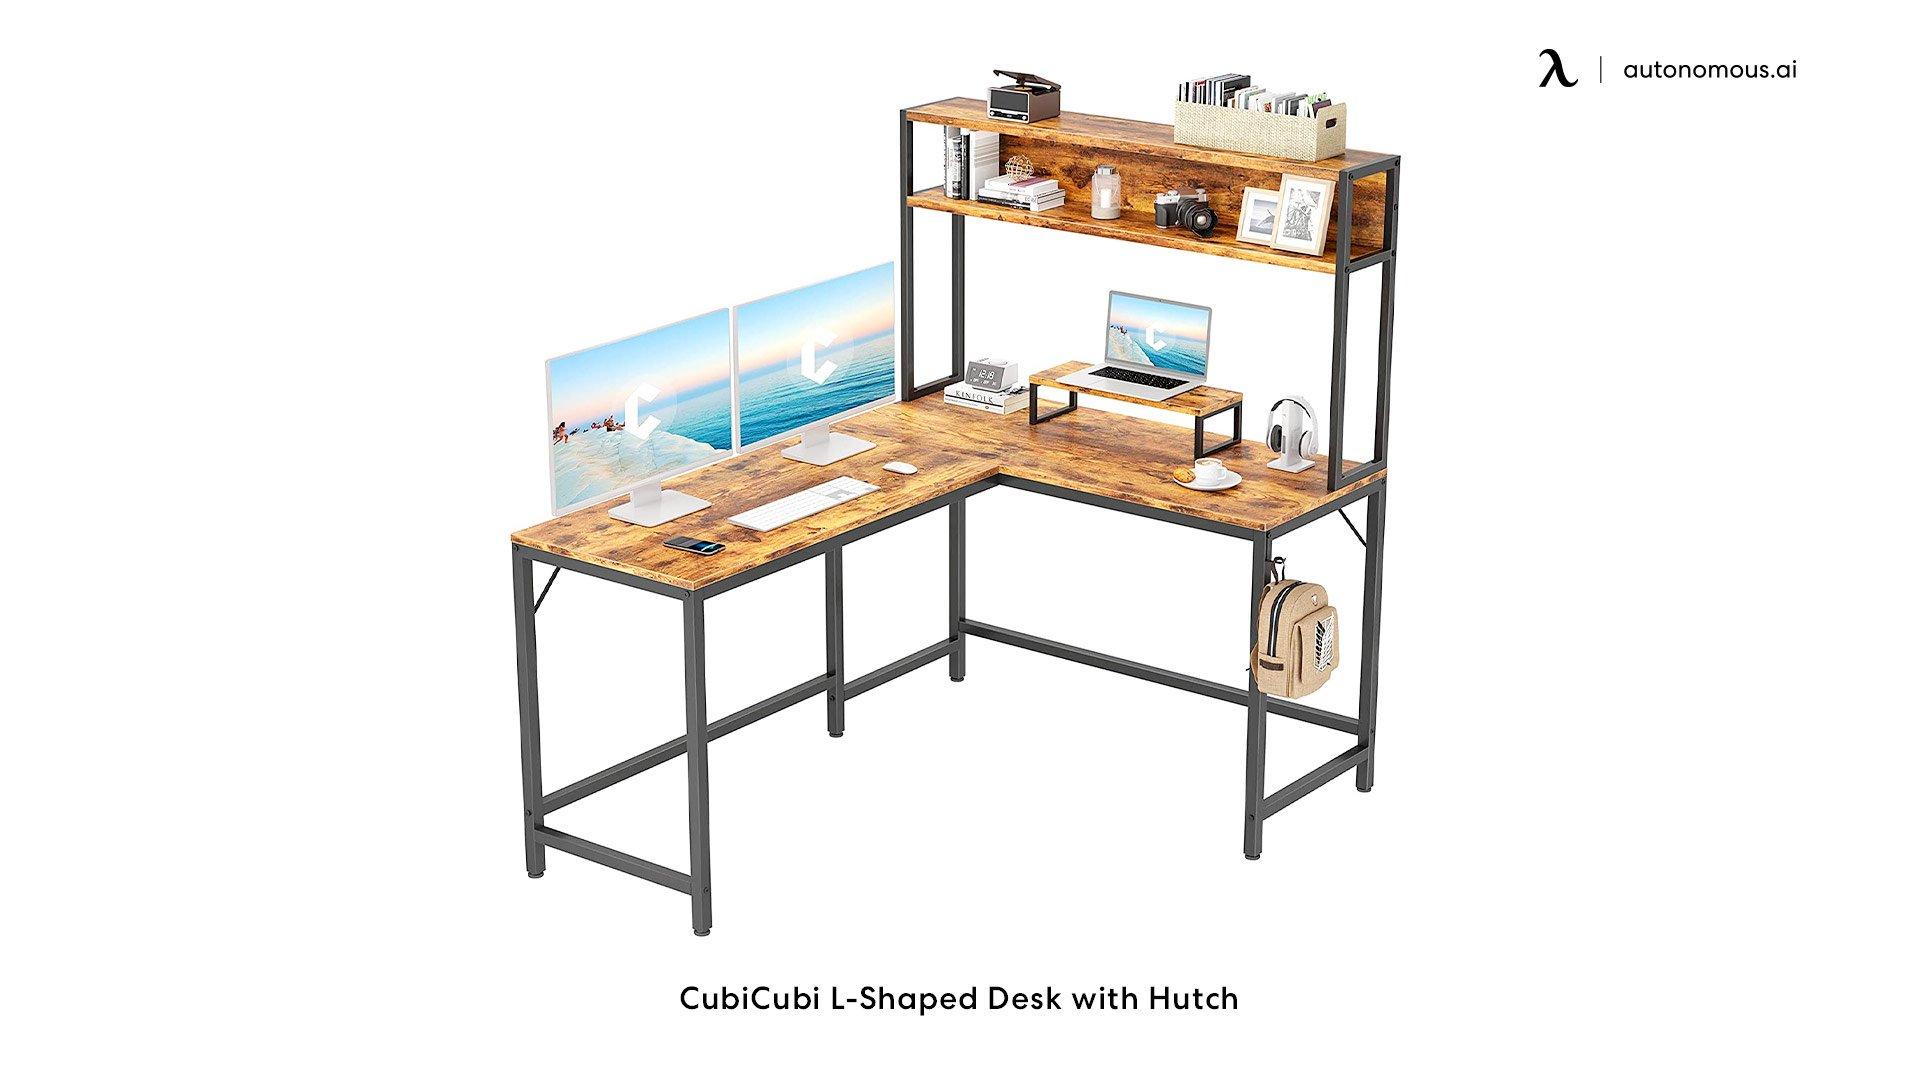 CubiCubi L-Shaped Desk with Hutch